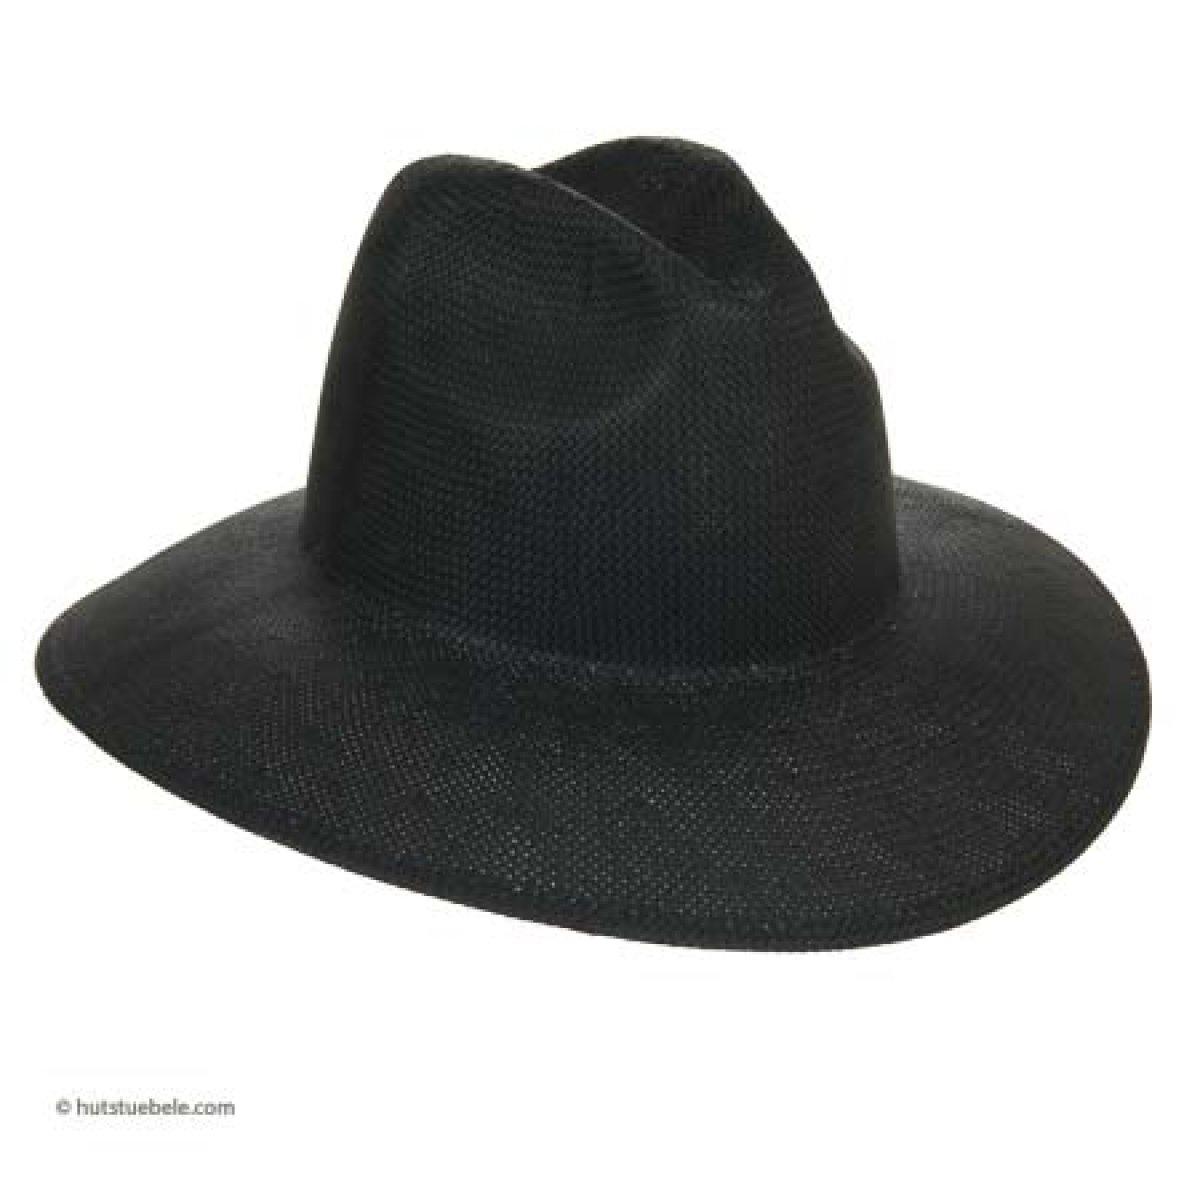 cappello da donna estivo a tesa larga firmato Hutter e425ebd49c78